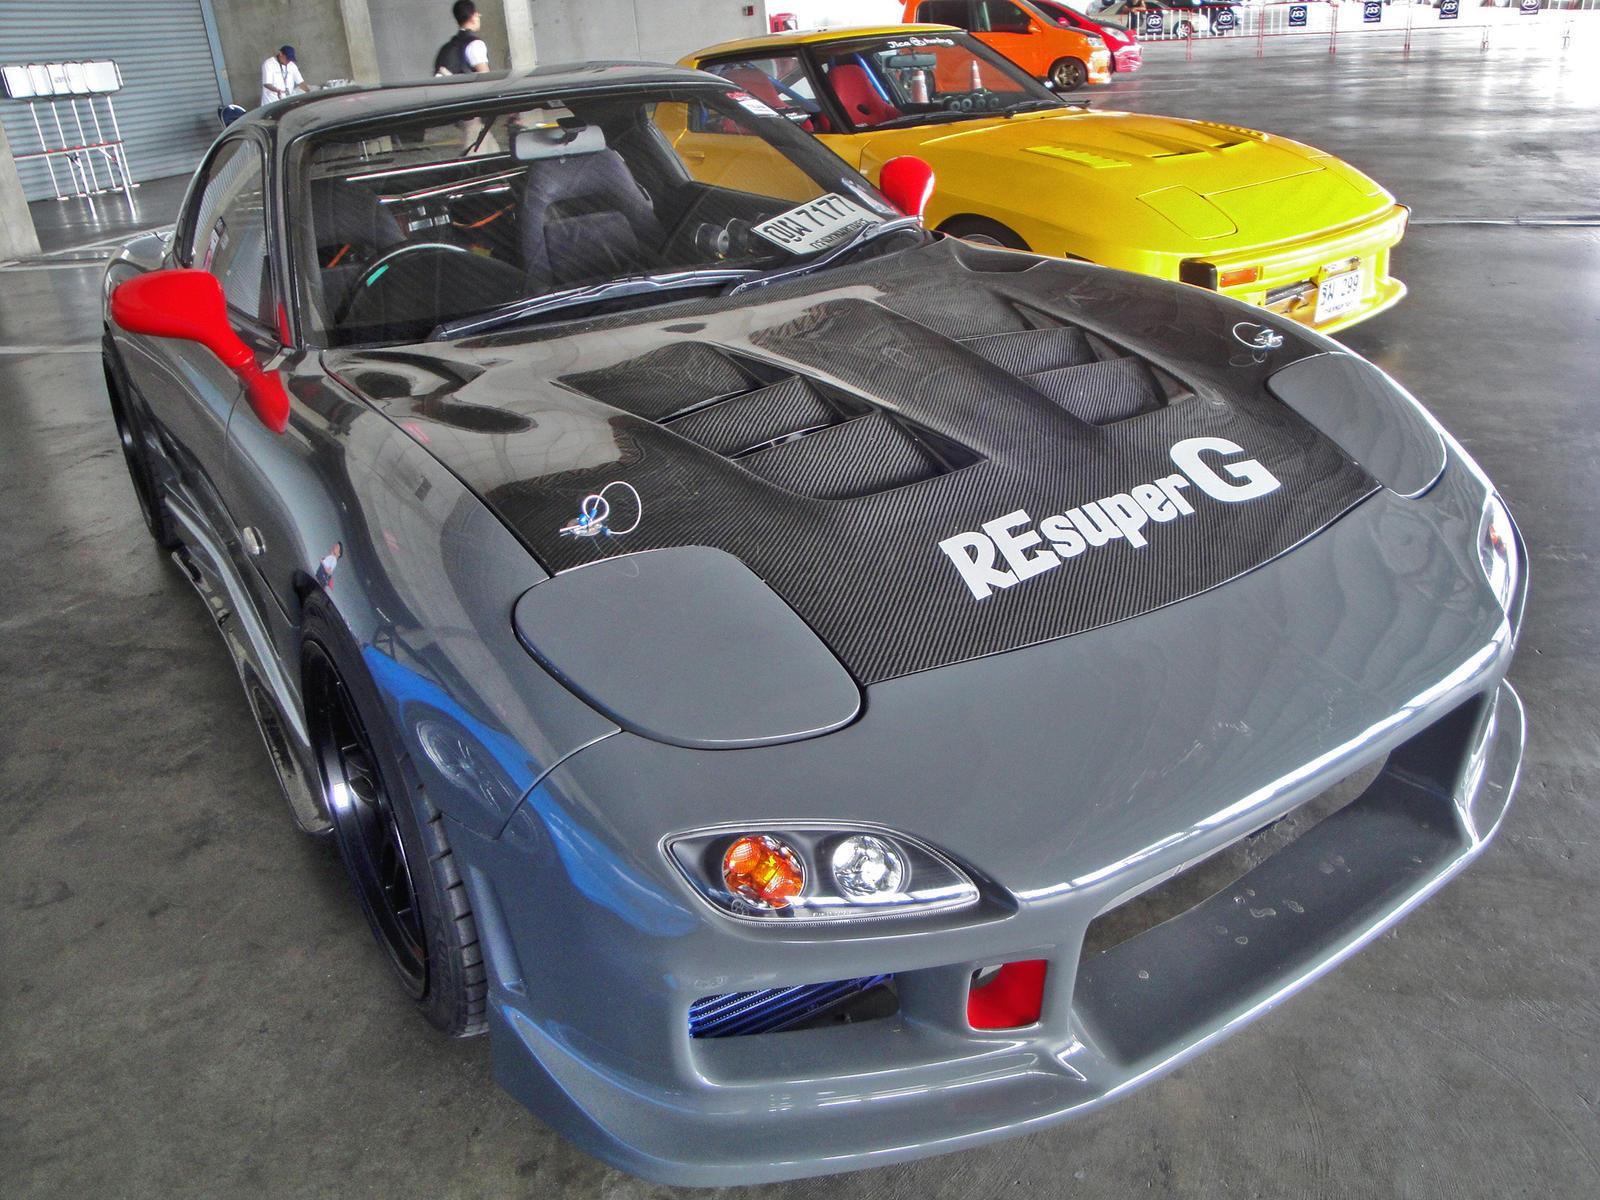 RX-7 again by gupa507